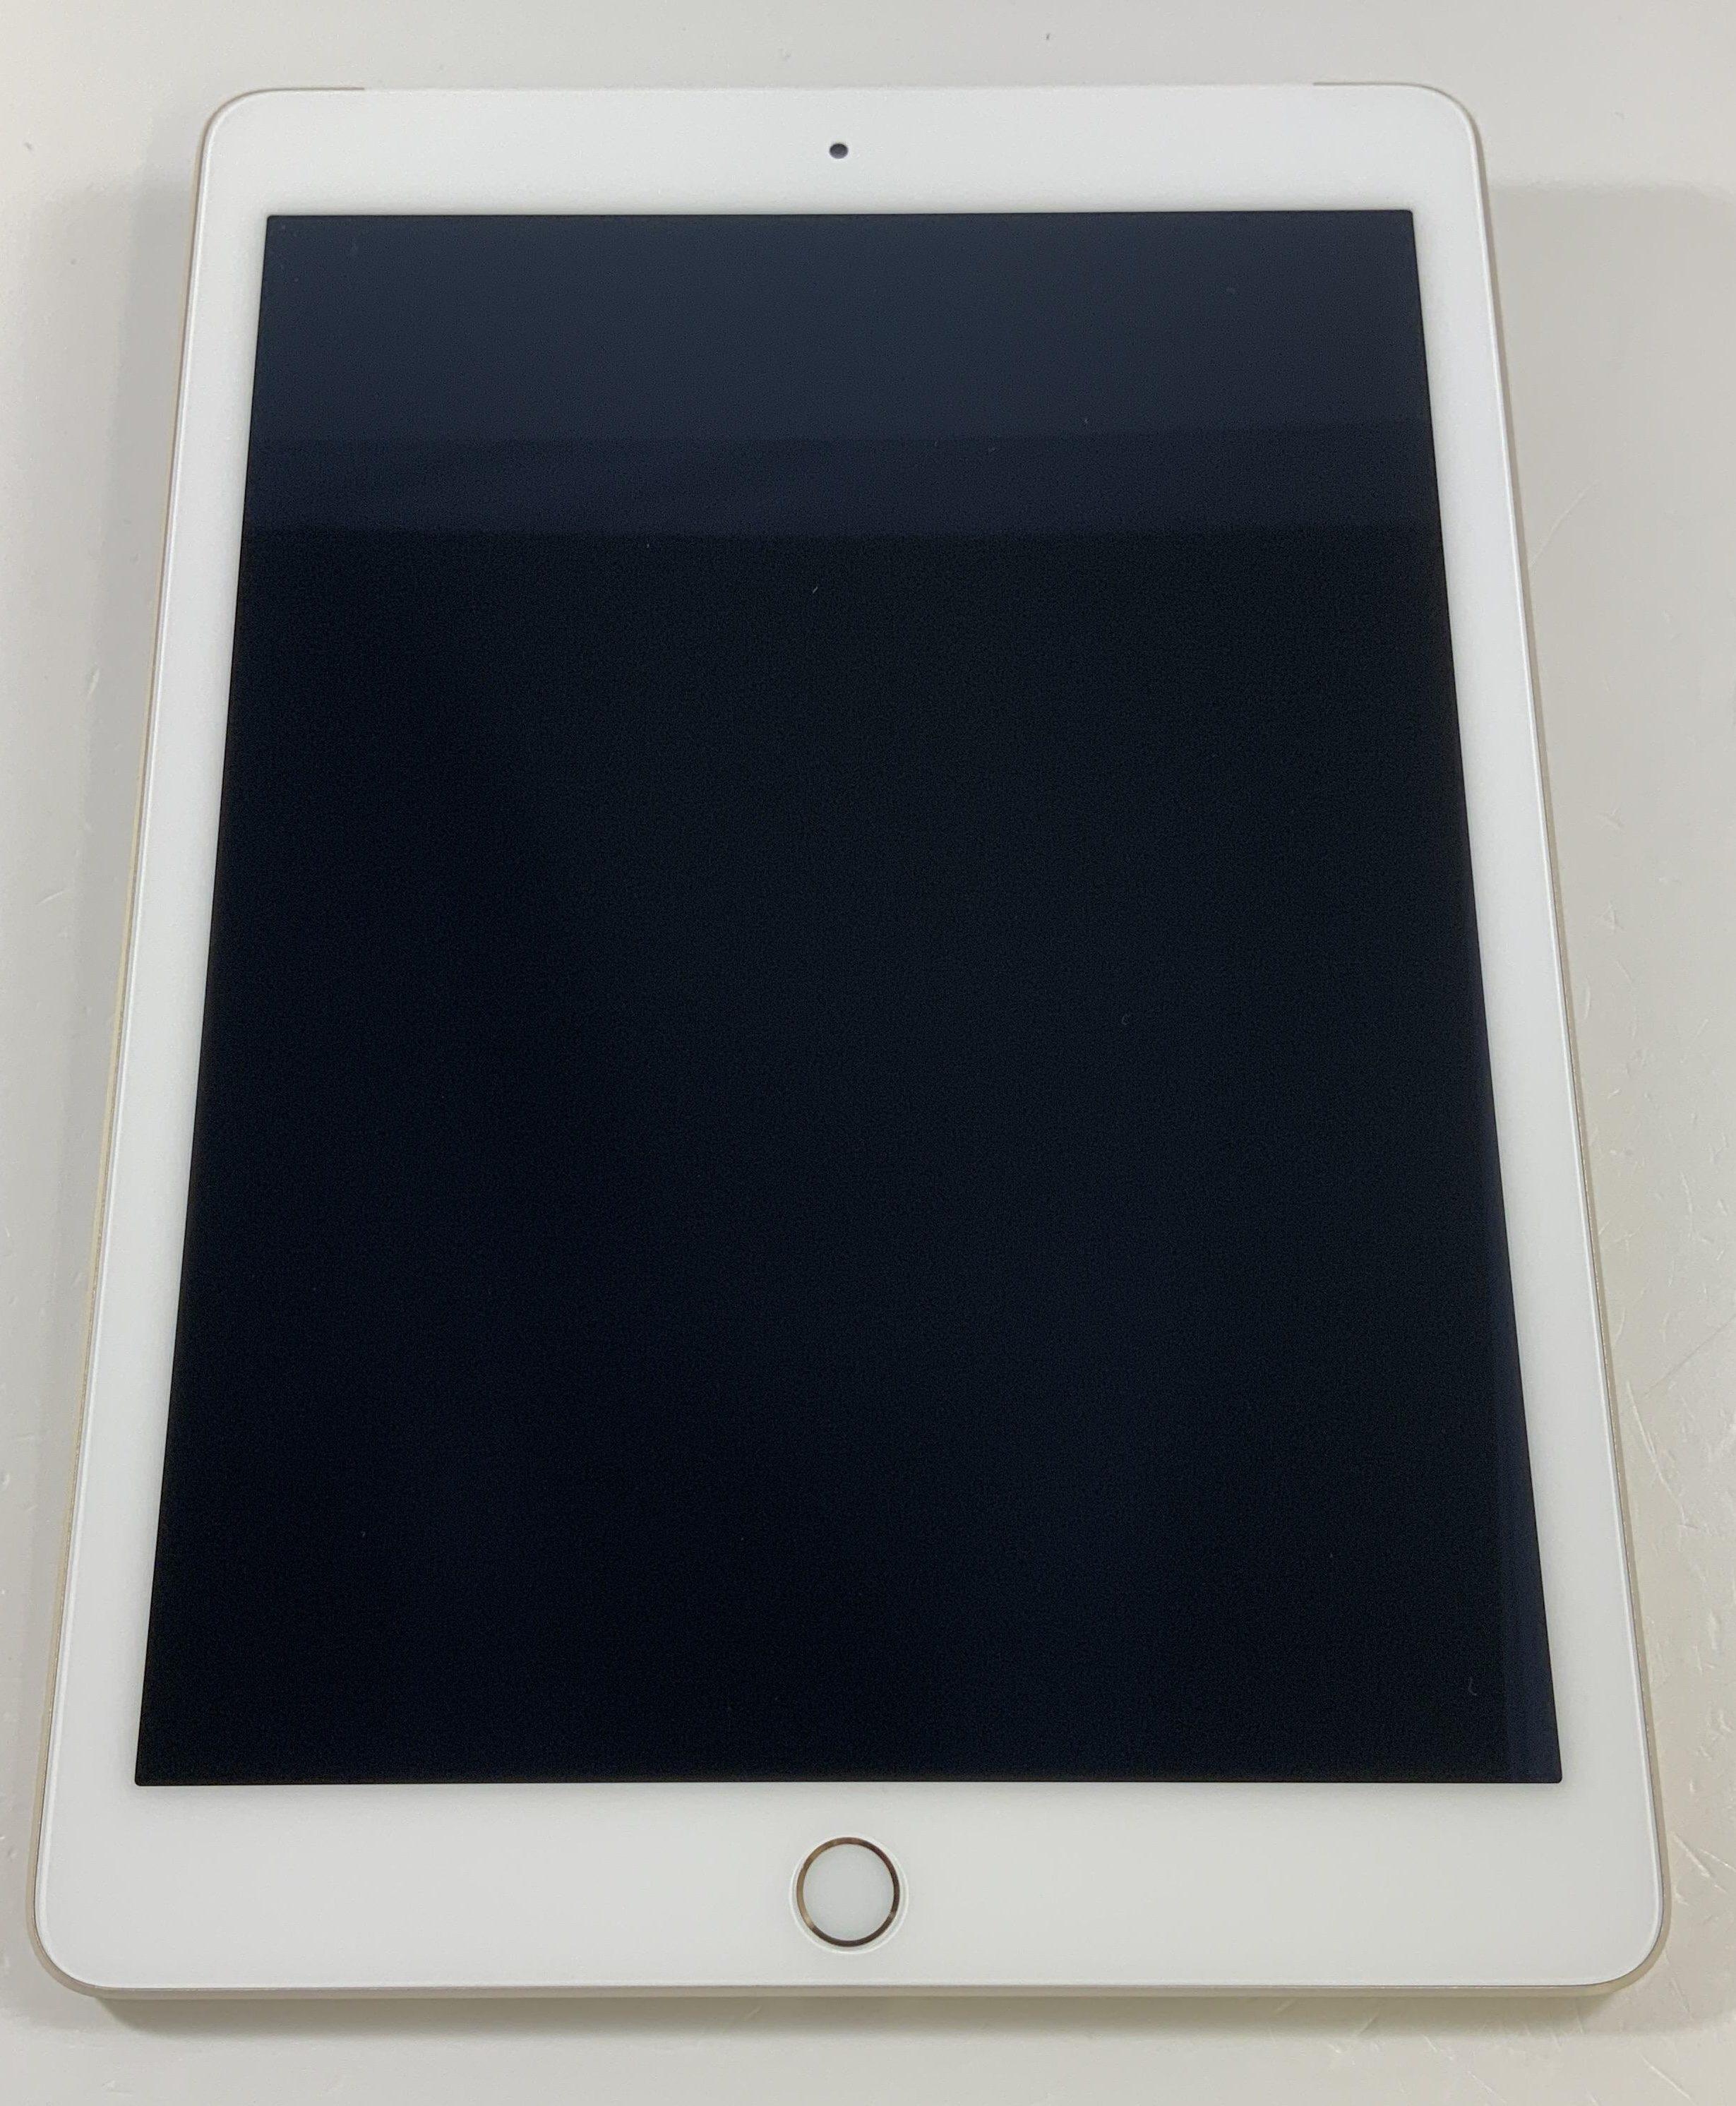 iPad Air 2 Wi-Fi + Cellular 16GB, 16GB, Gold, bild 1